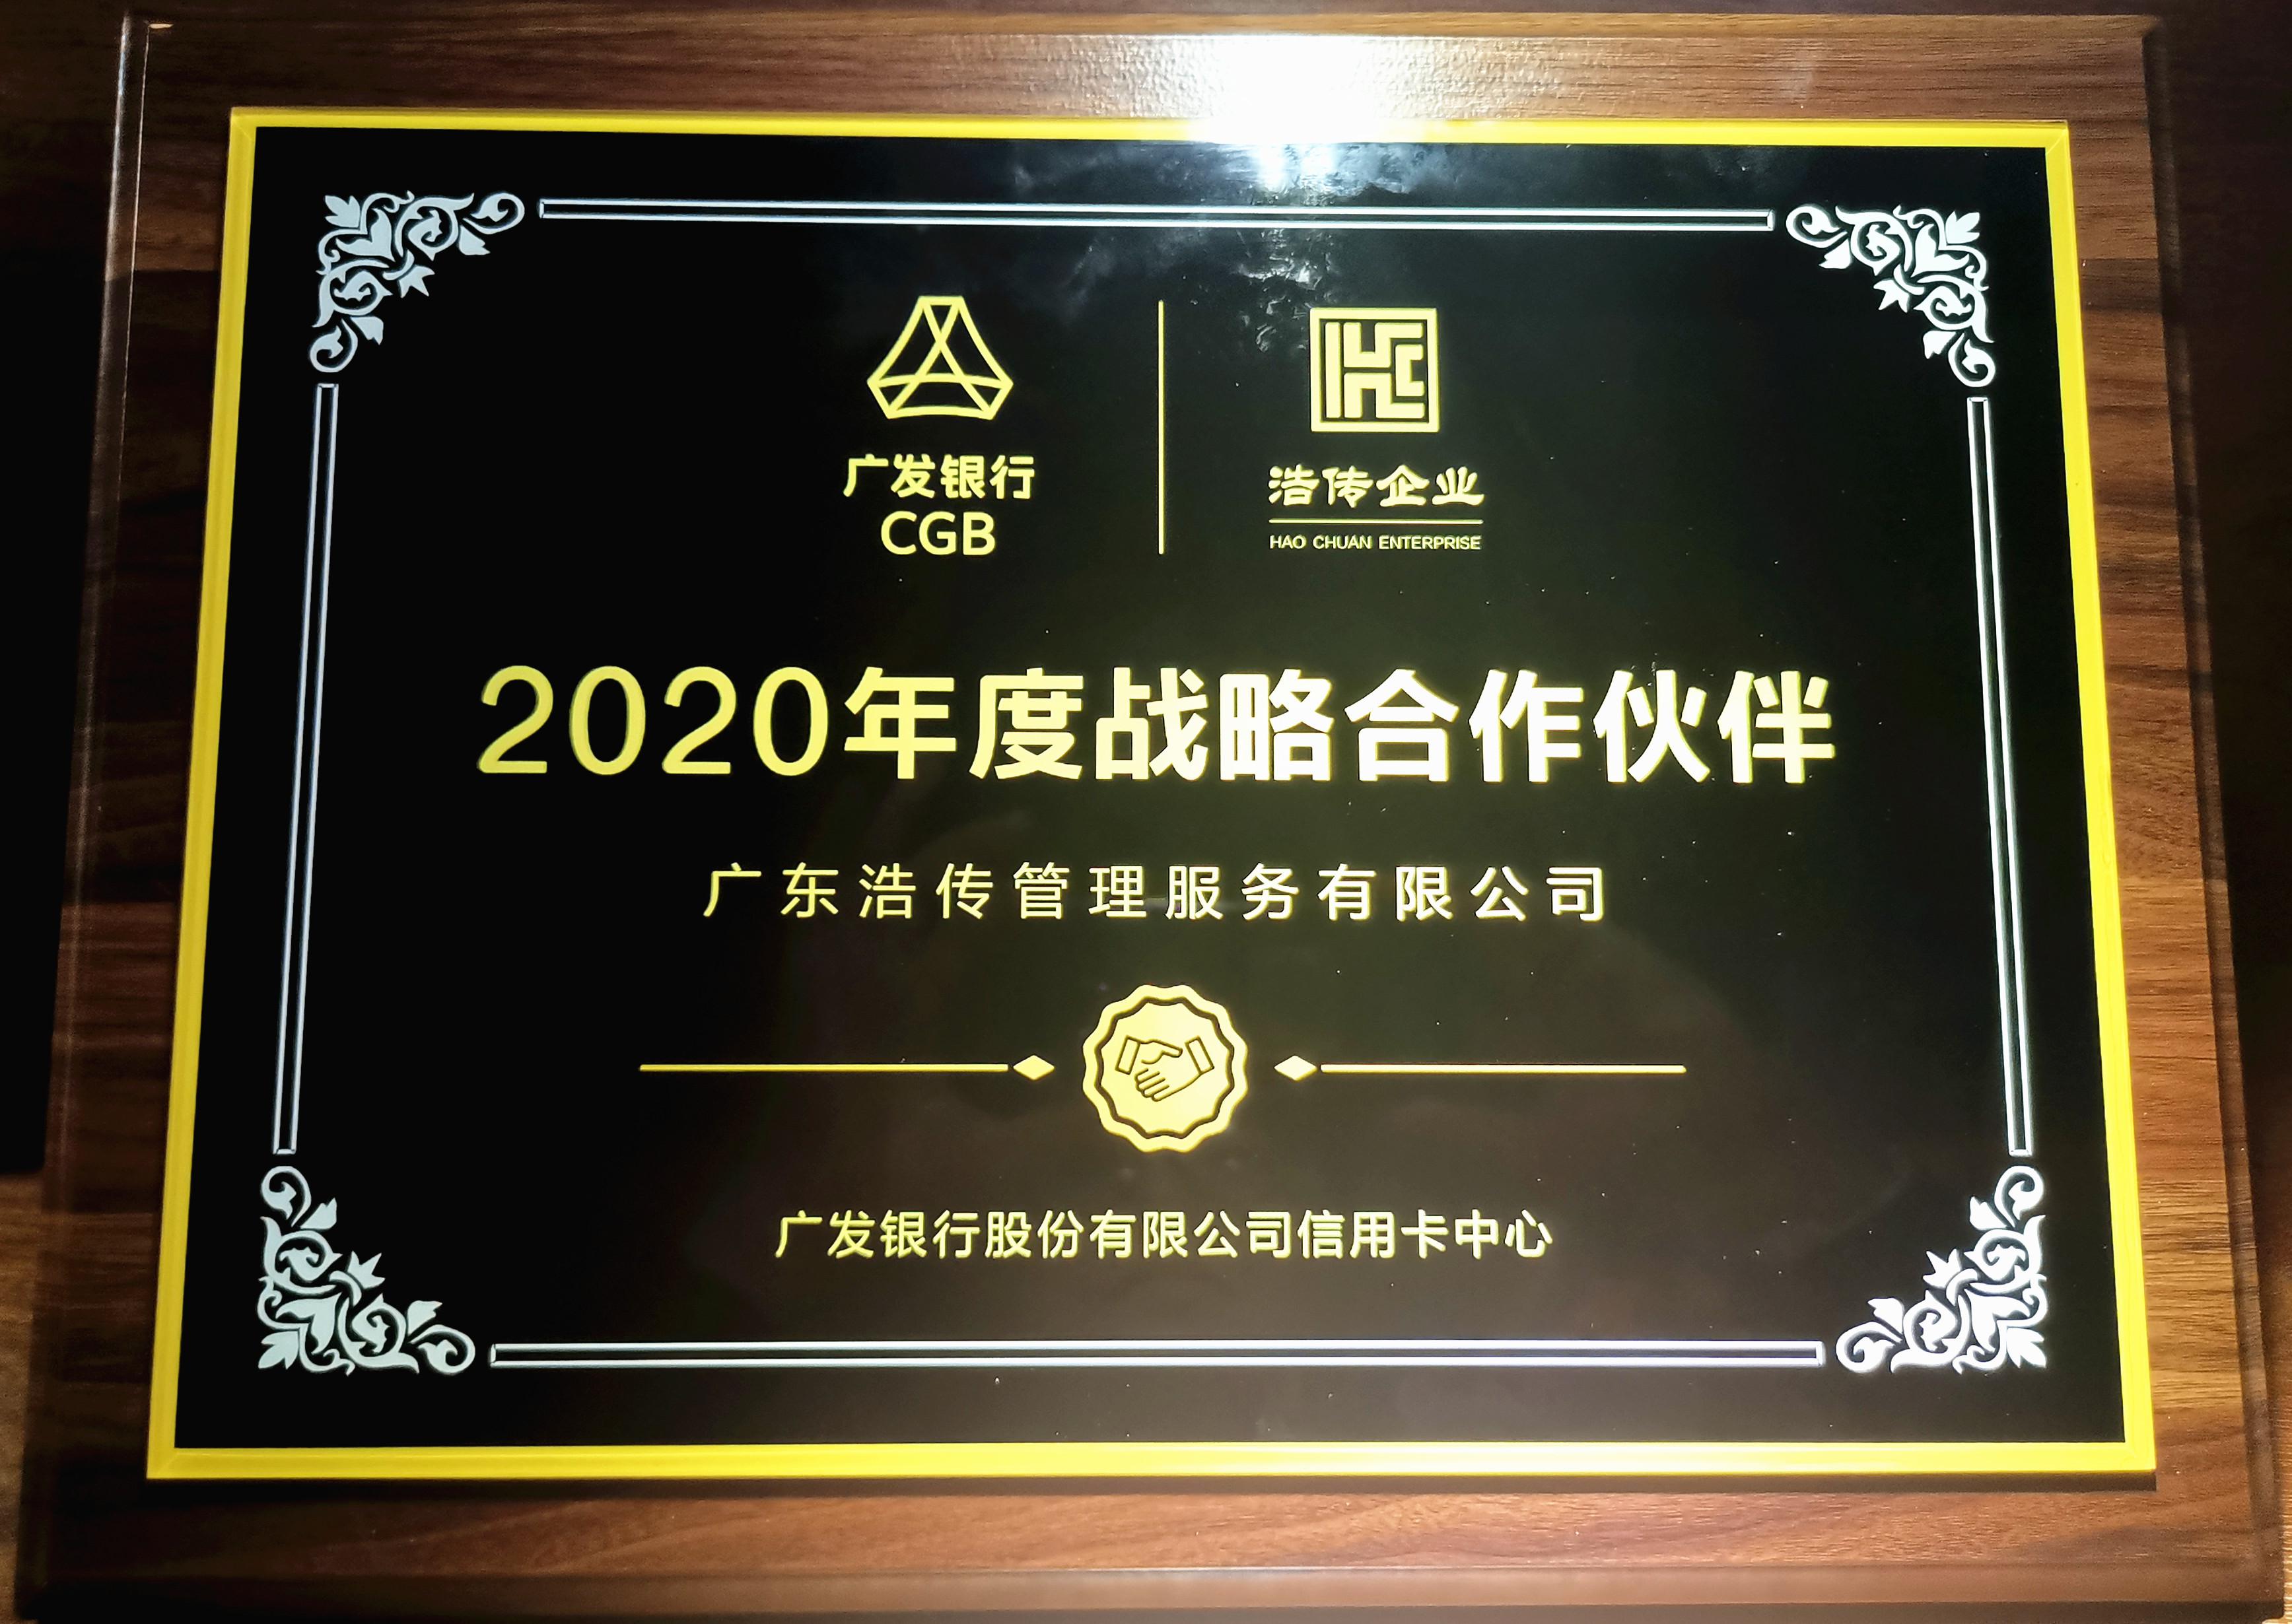 2020-廣發銀行戰略合作伙伴